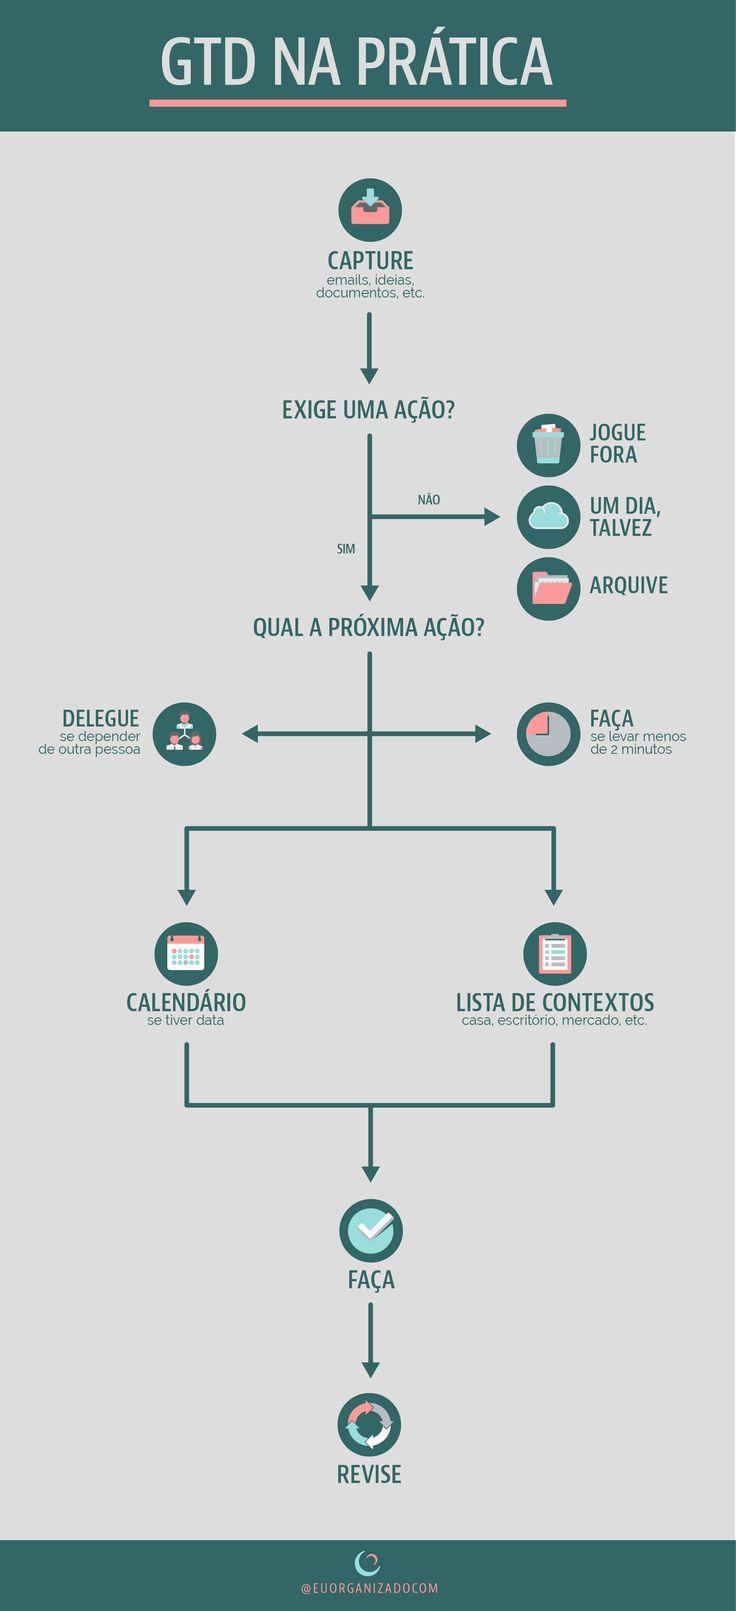 infográfico de GTD, arte de fazer acontecer, getting things done, David Allen, produtividade, tarefas e projetos, organização pessoal, método e metodologia, na prática, passo a passo básico.